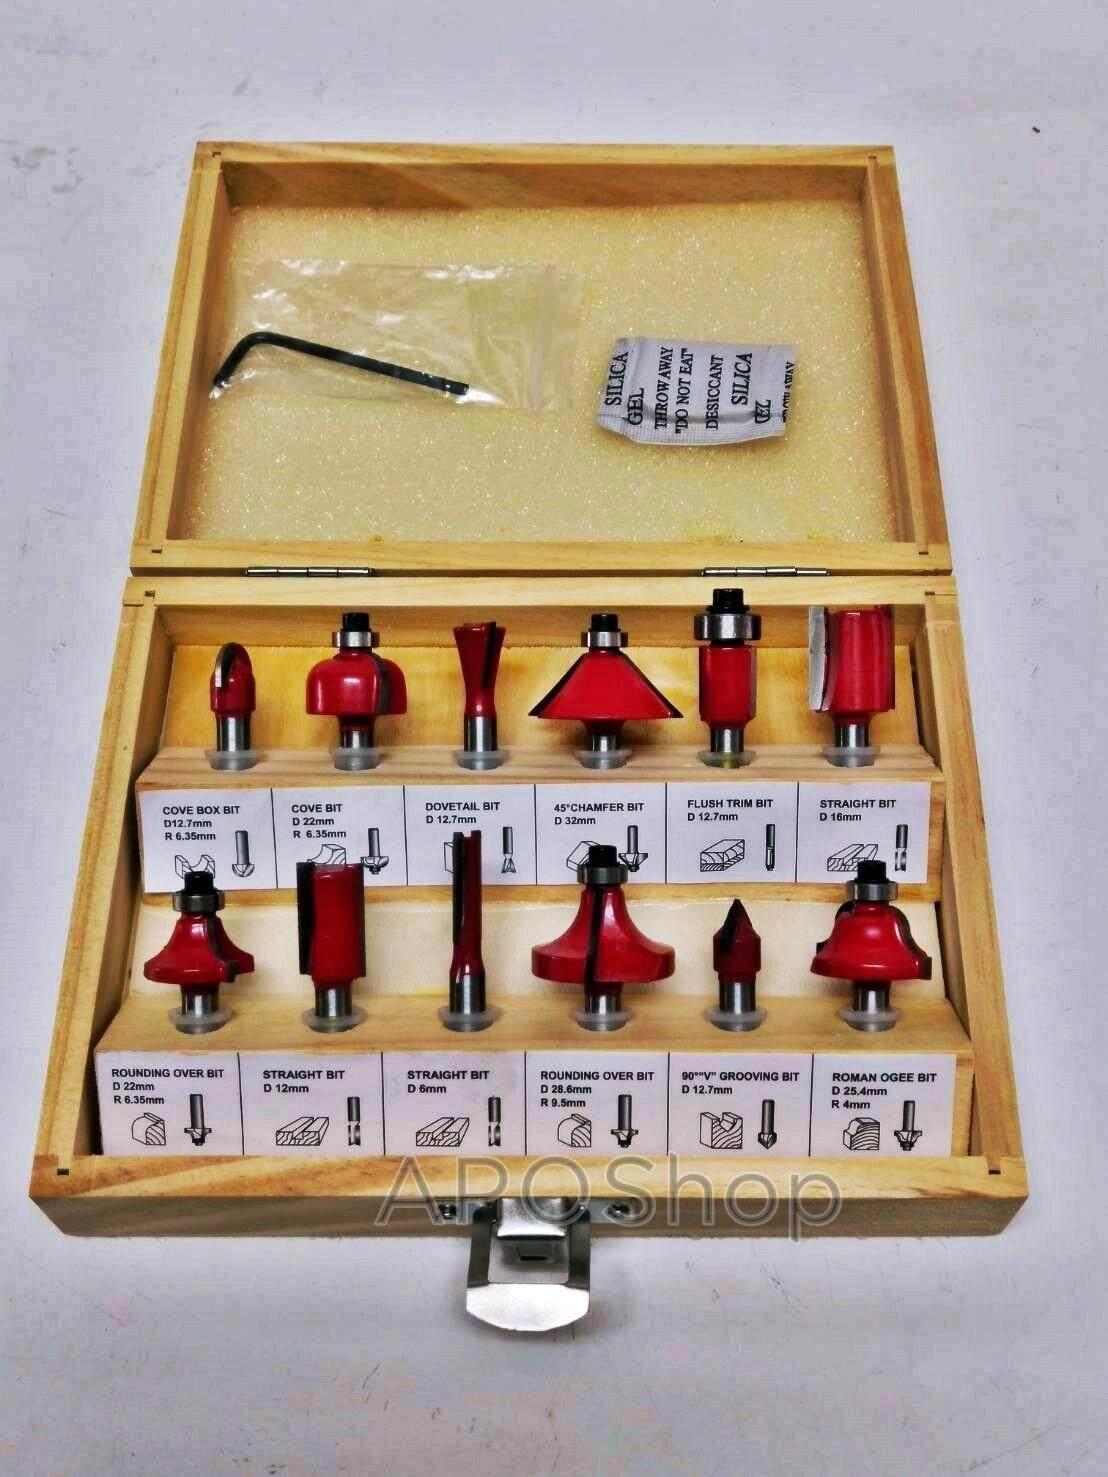 ชุดดอกทริมเมอร์ 12 ดอก เซาะร่อง ขุด แกะลวดลาย 1/4 ( แกน 6 มิล ) กล่องไม้ สวยงาม สำหรับ เครื่องเซาะร่อง ทริมเมอร์ เร้าเตอร์ 2 หุน